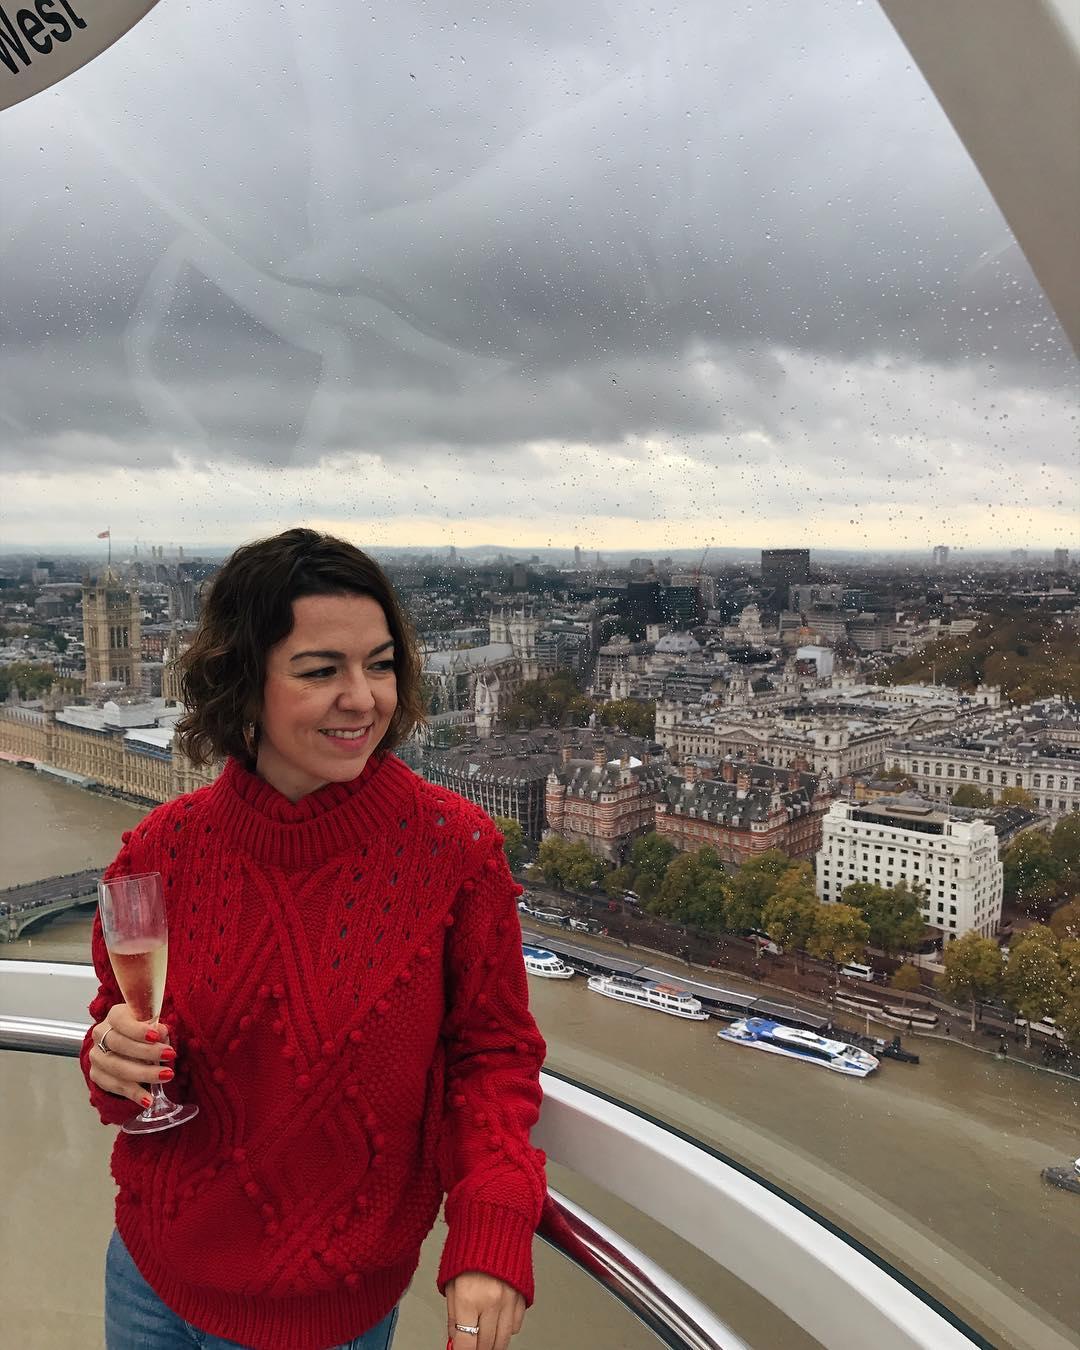 champagne-london-eye